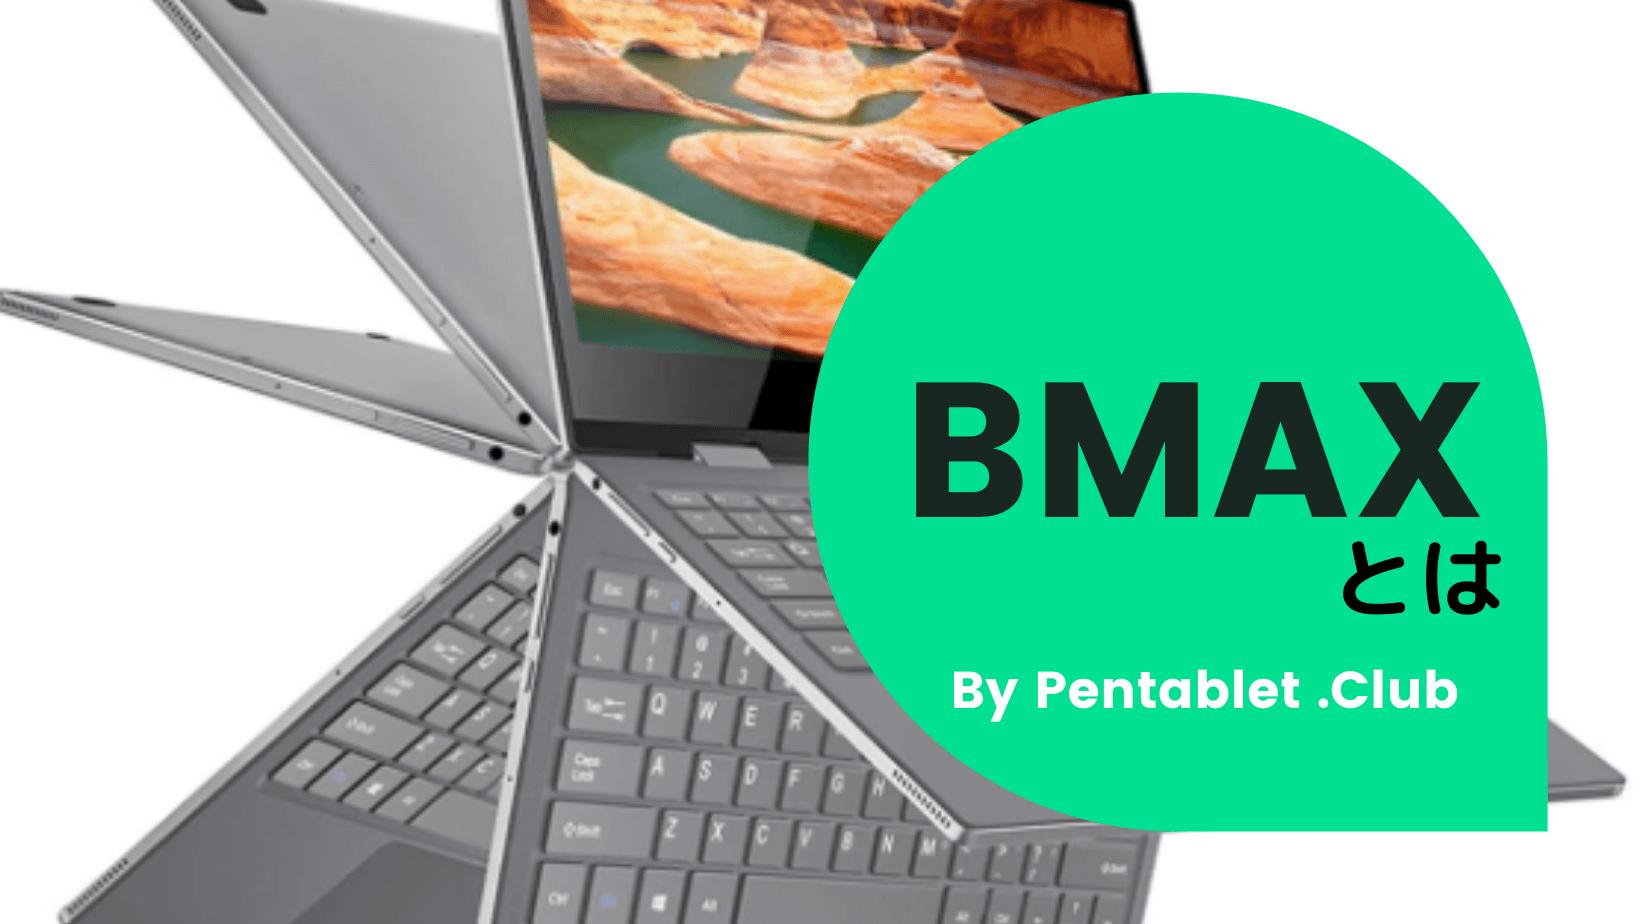 BMAX Tablet